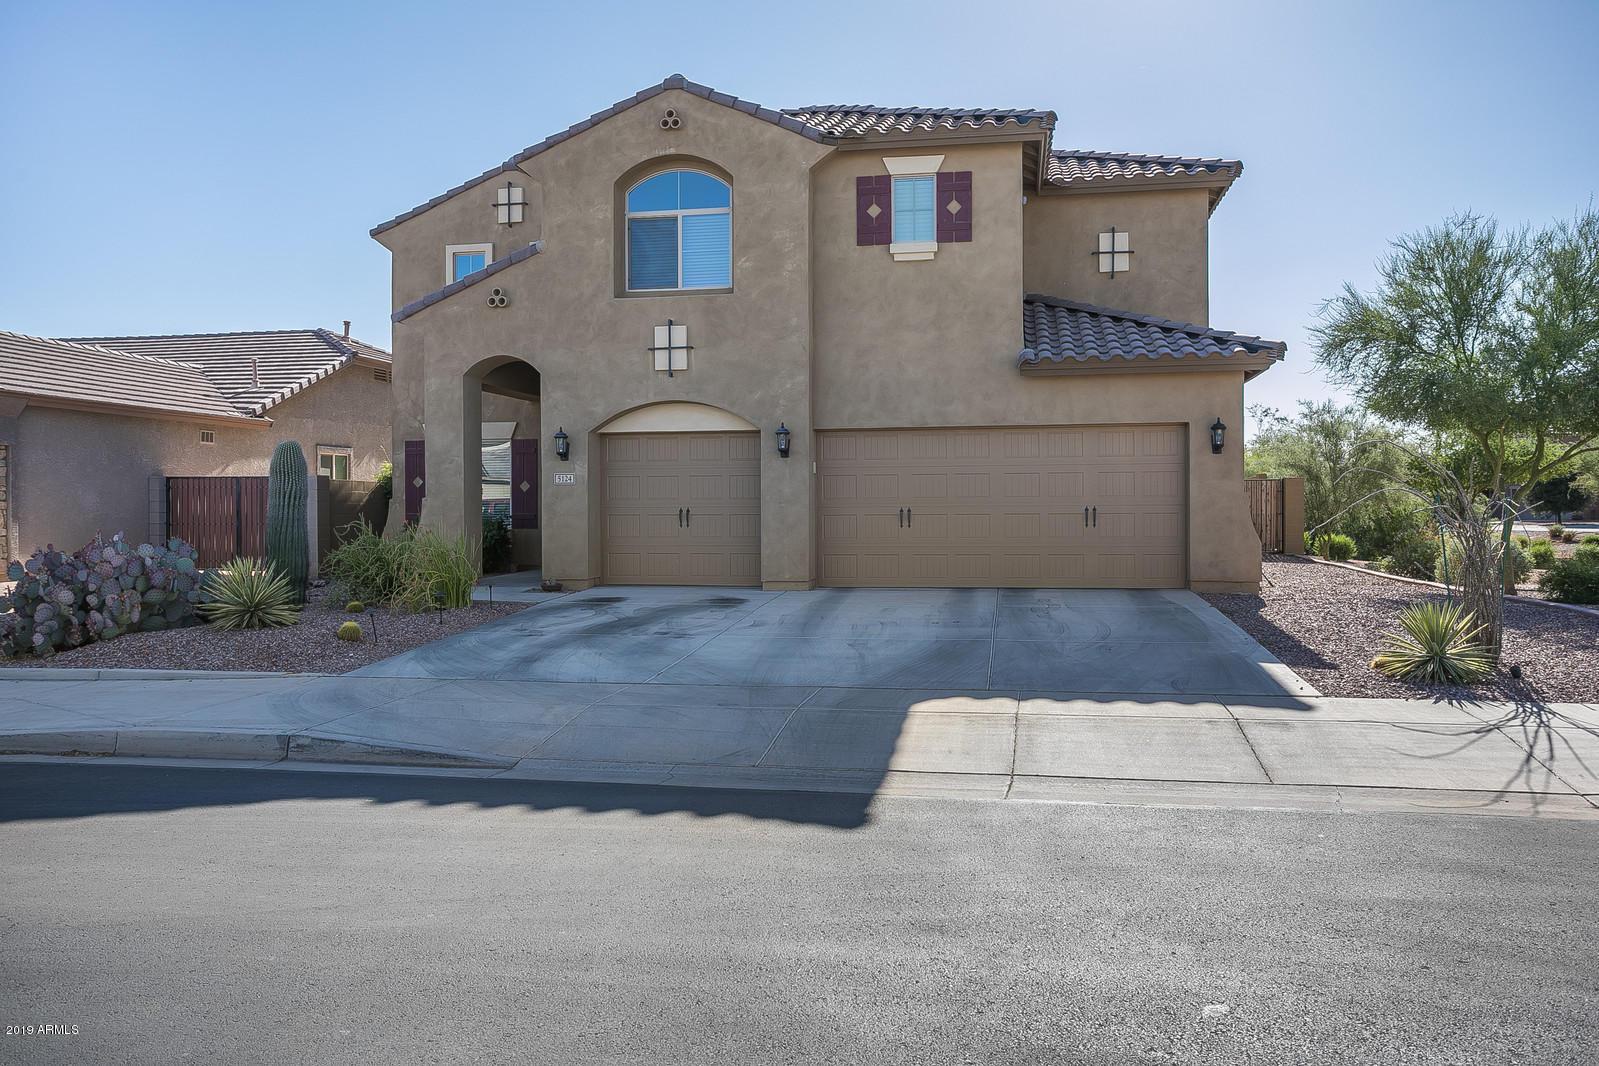 Photo of 5124 S OXLEY --, Mesa, AZ 85212